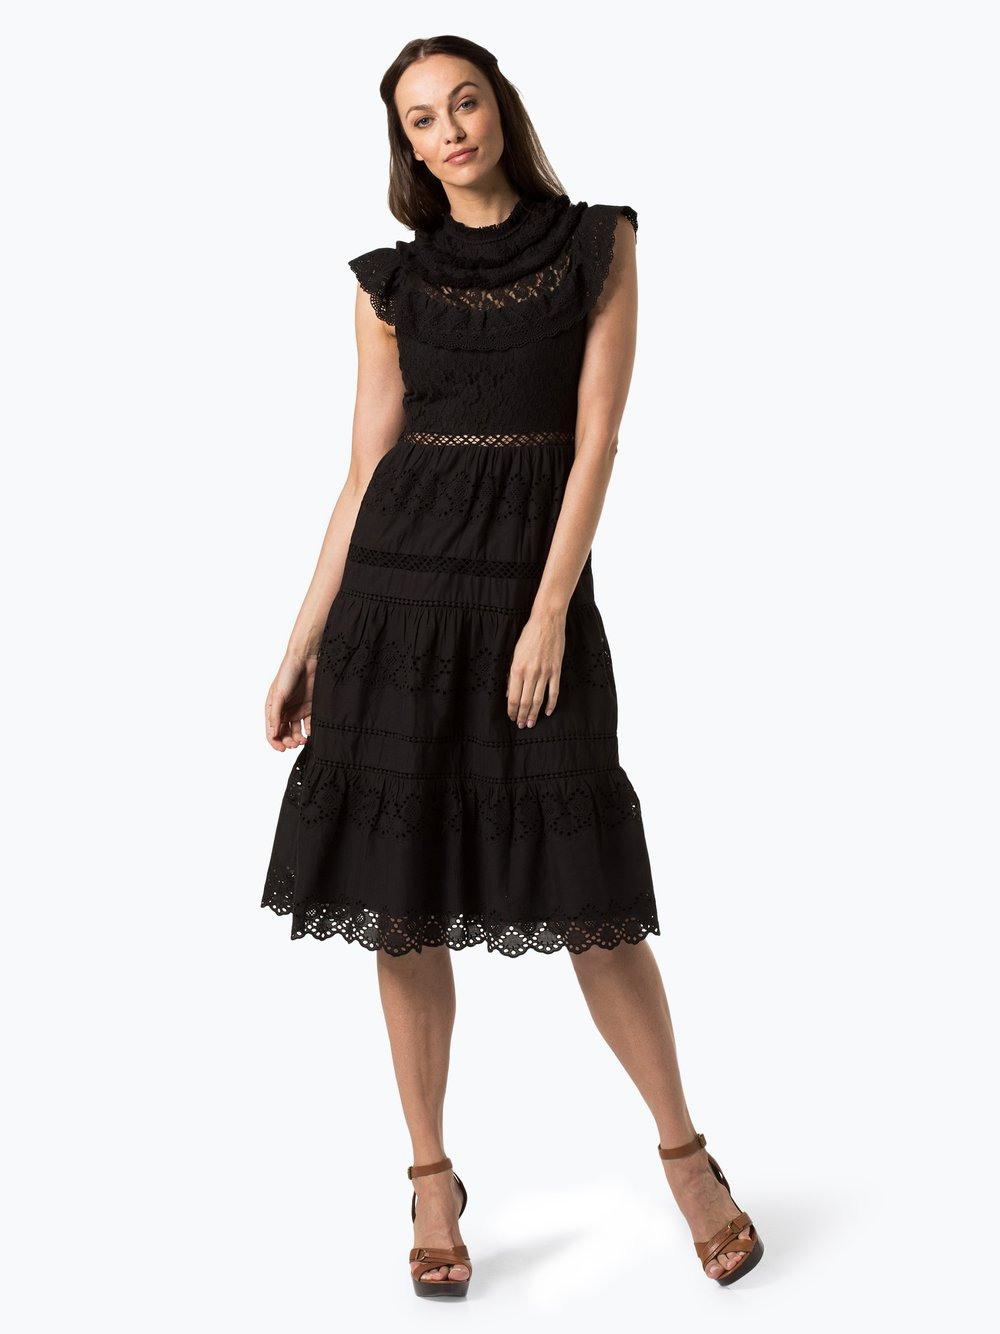 Designer Ausgezeichnet Yas Abendkleid Design Schön Yas Abendkleid Bester Preis